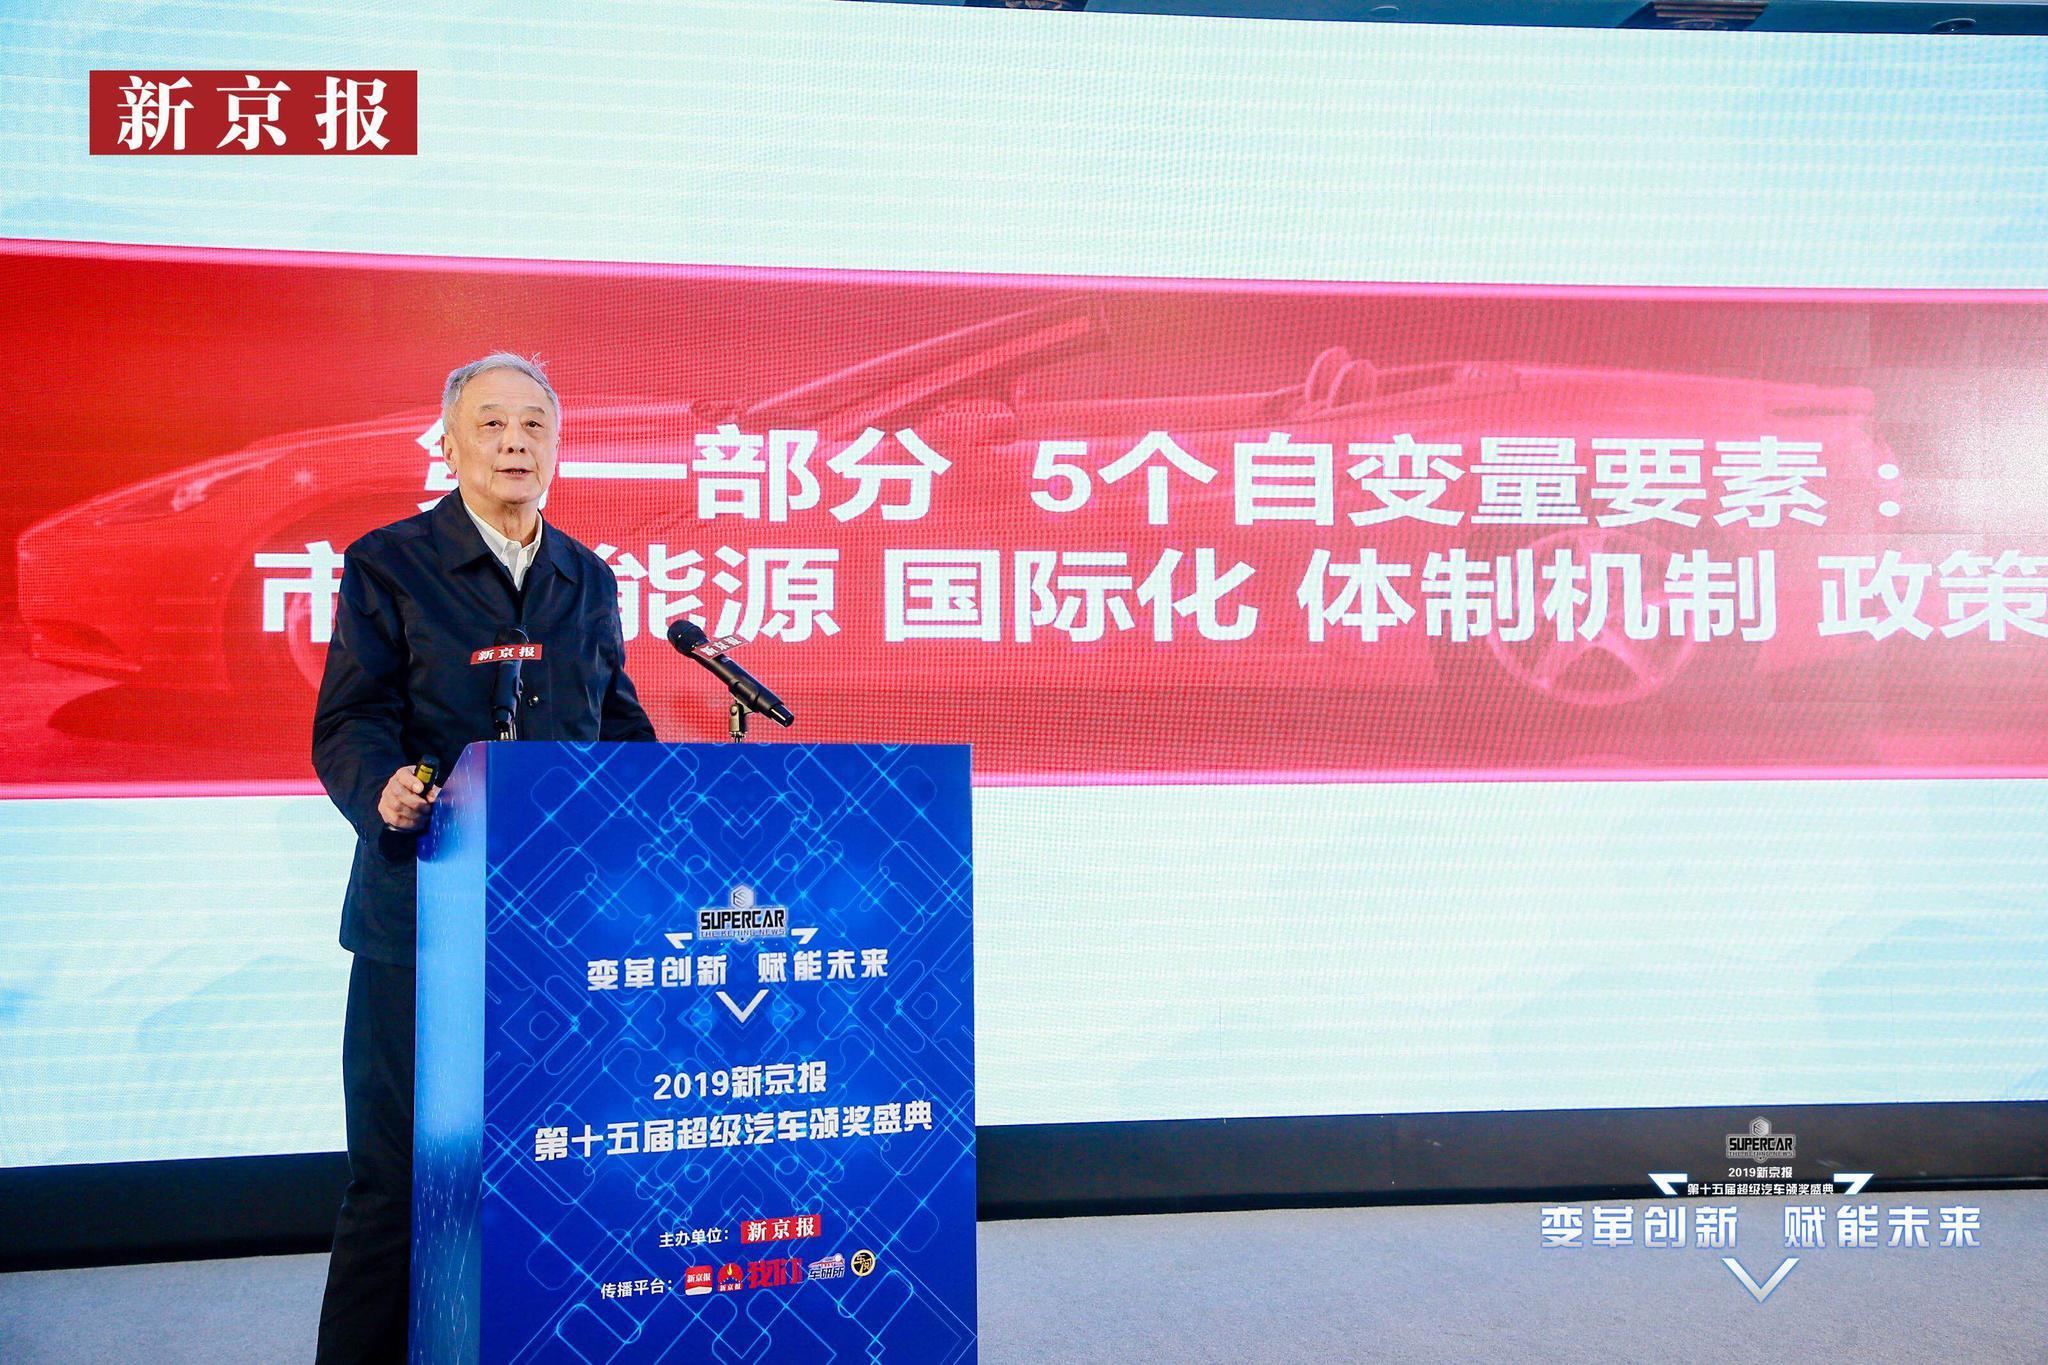 李万里:未来汽车产业将呈现多元开放的技术路线图片